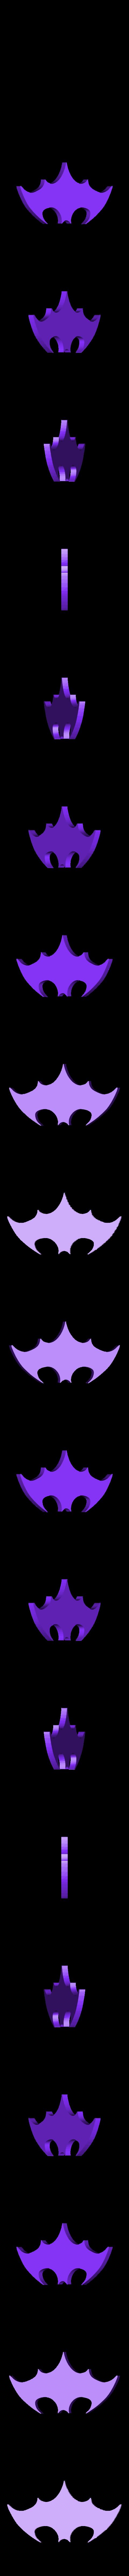 Batman_Logo.STL Télécharger fichier STL gratuit Marqueur de balle BATMAN • Objet imprimable en 3D, Balkhagal4D